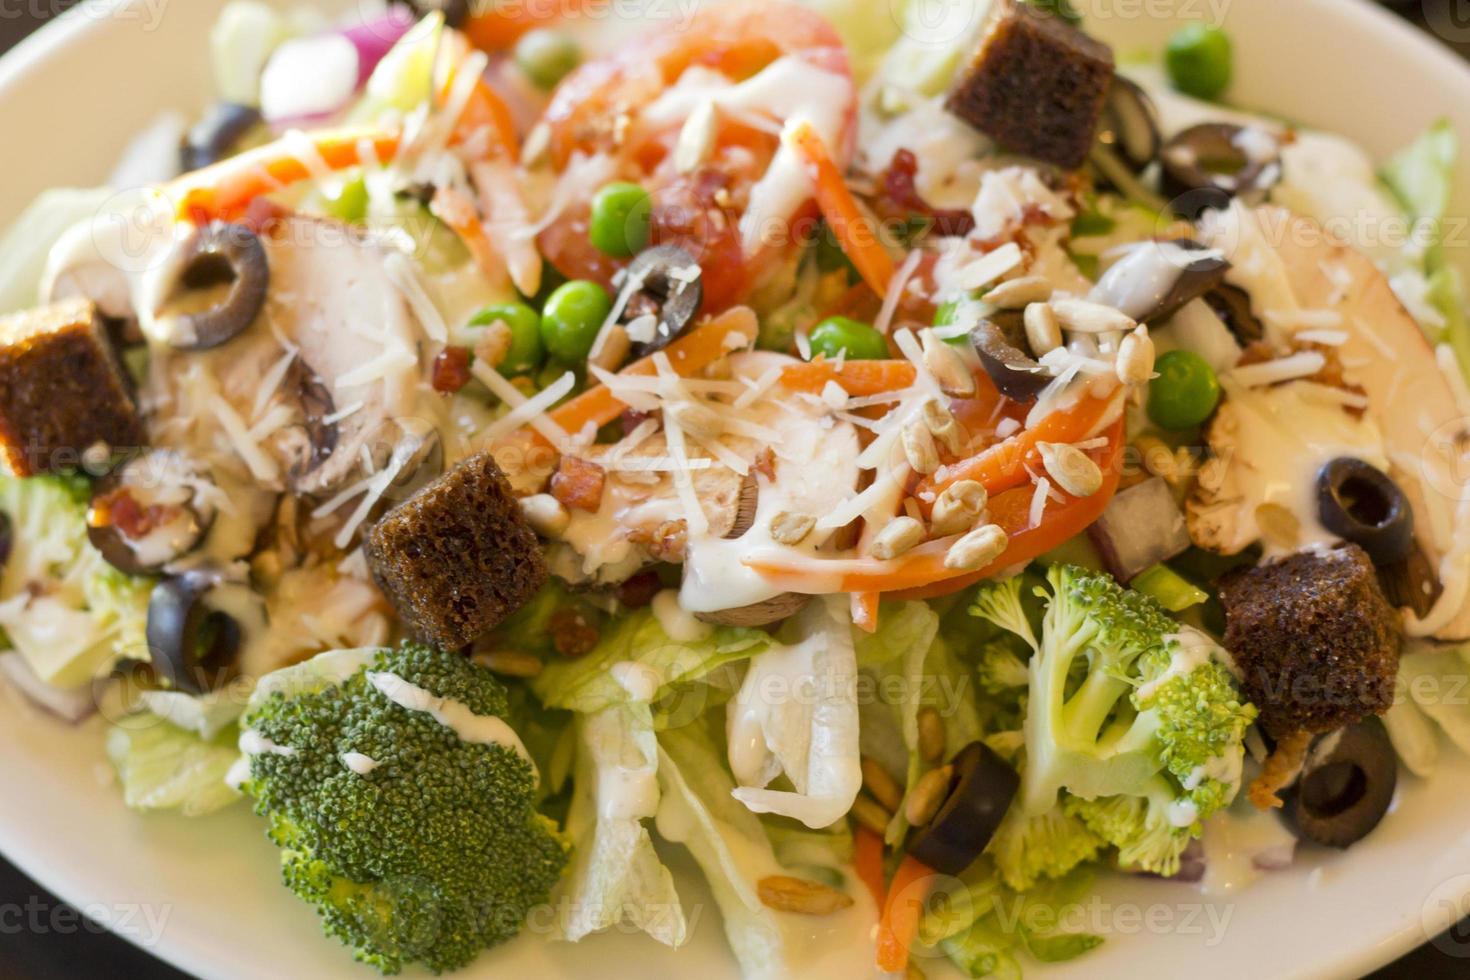 tutto insalata di verdure foto